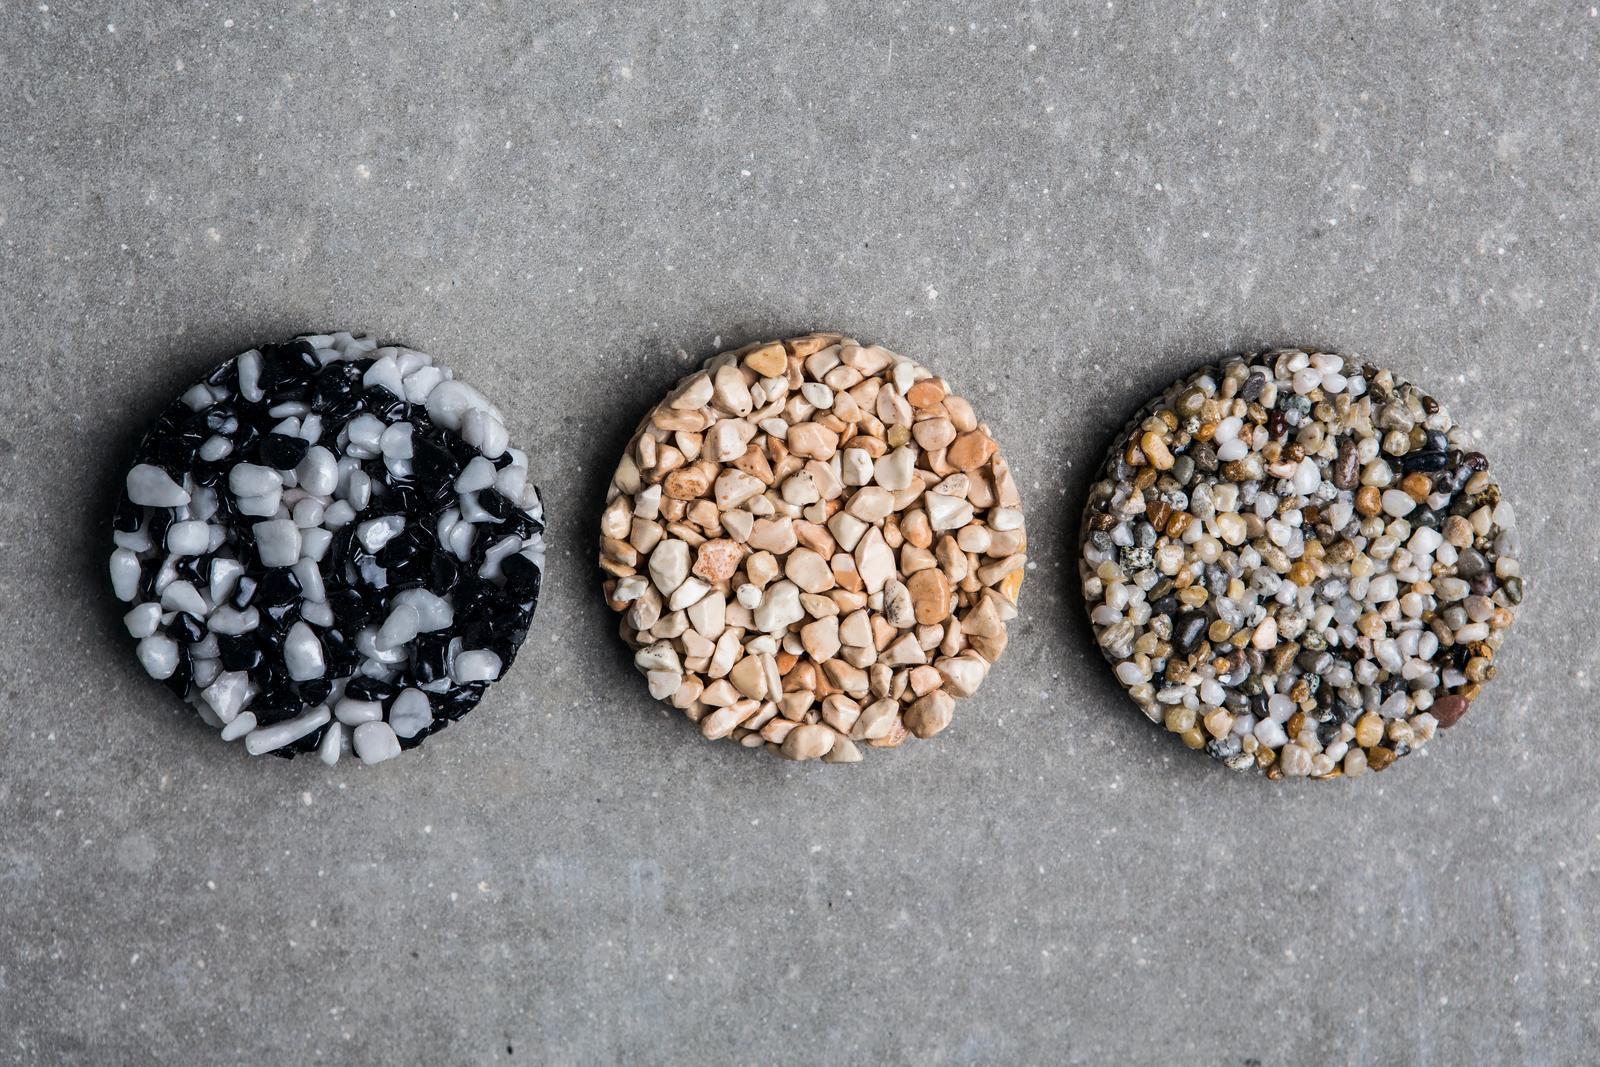 spolchemie - Kamínkový koberec - nepřeberné množství kamínků, štěrků, mramorů, plastových částic...